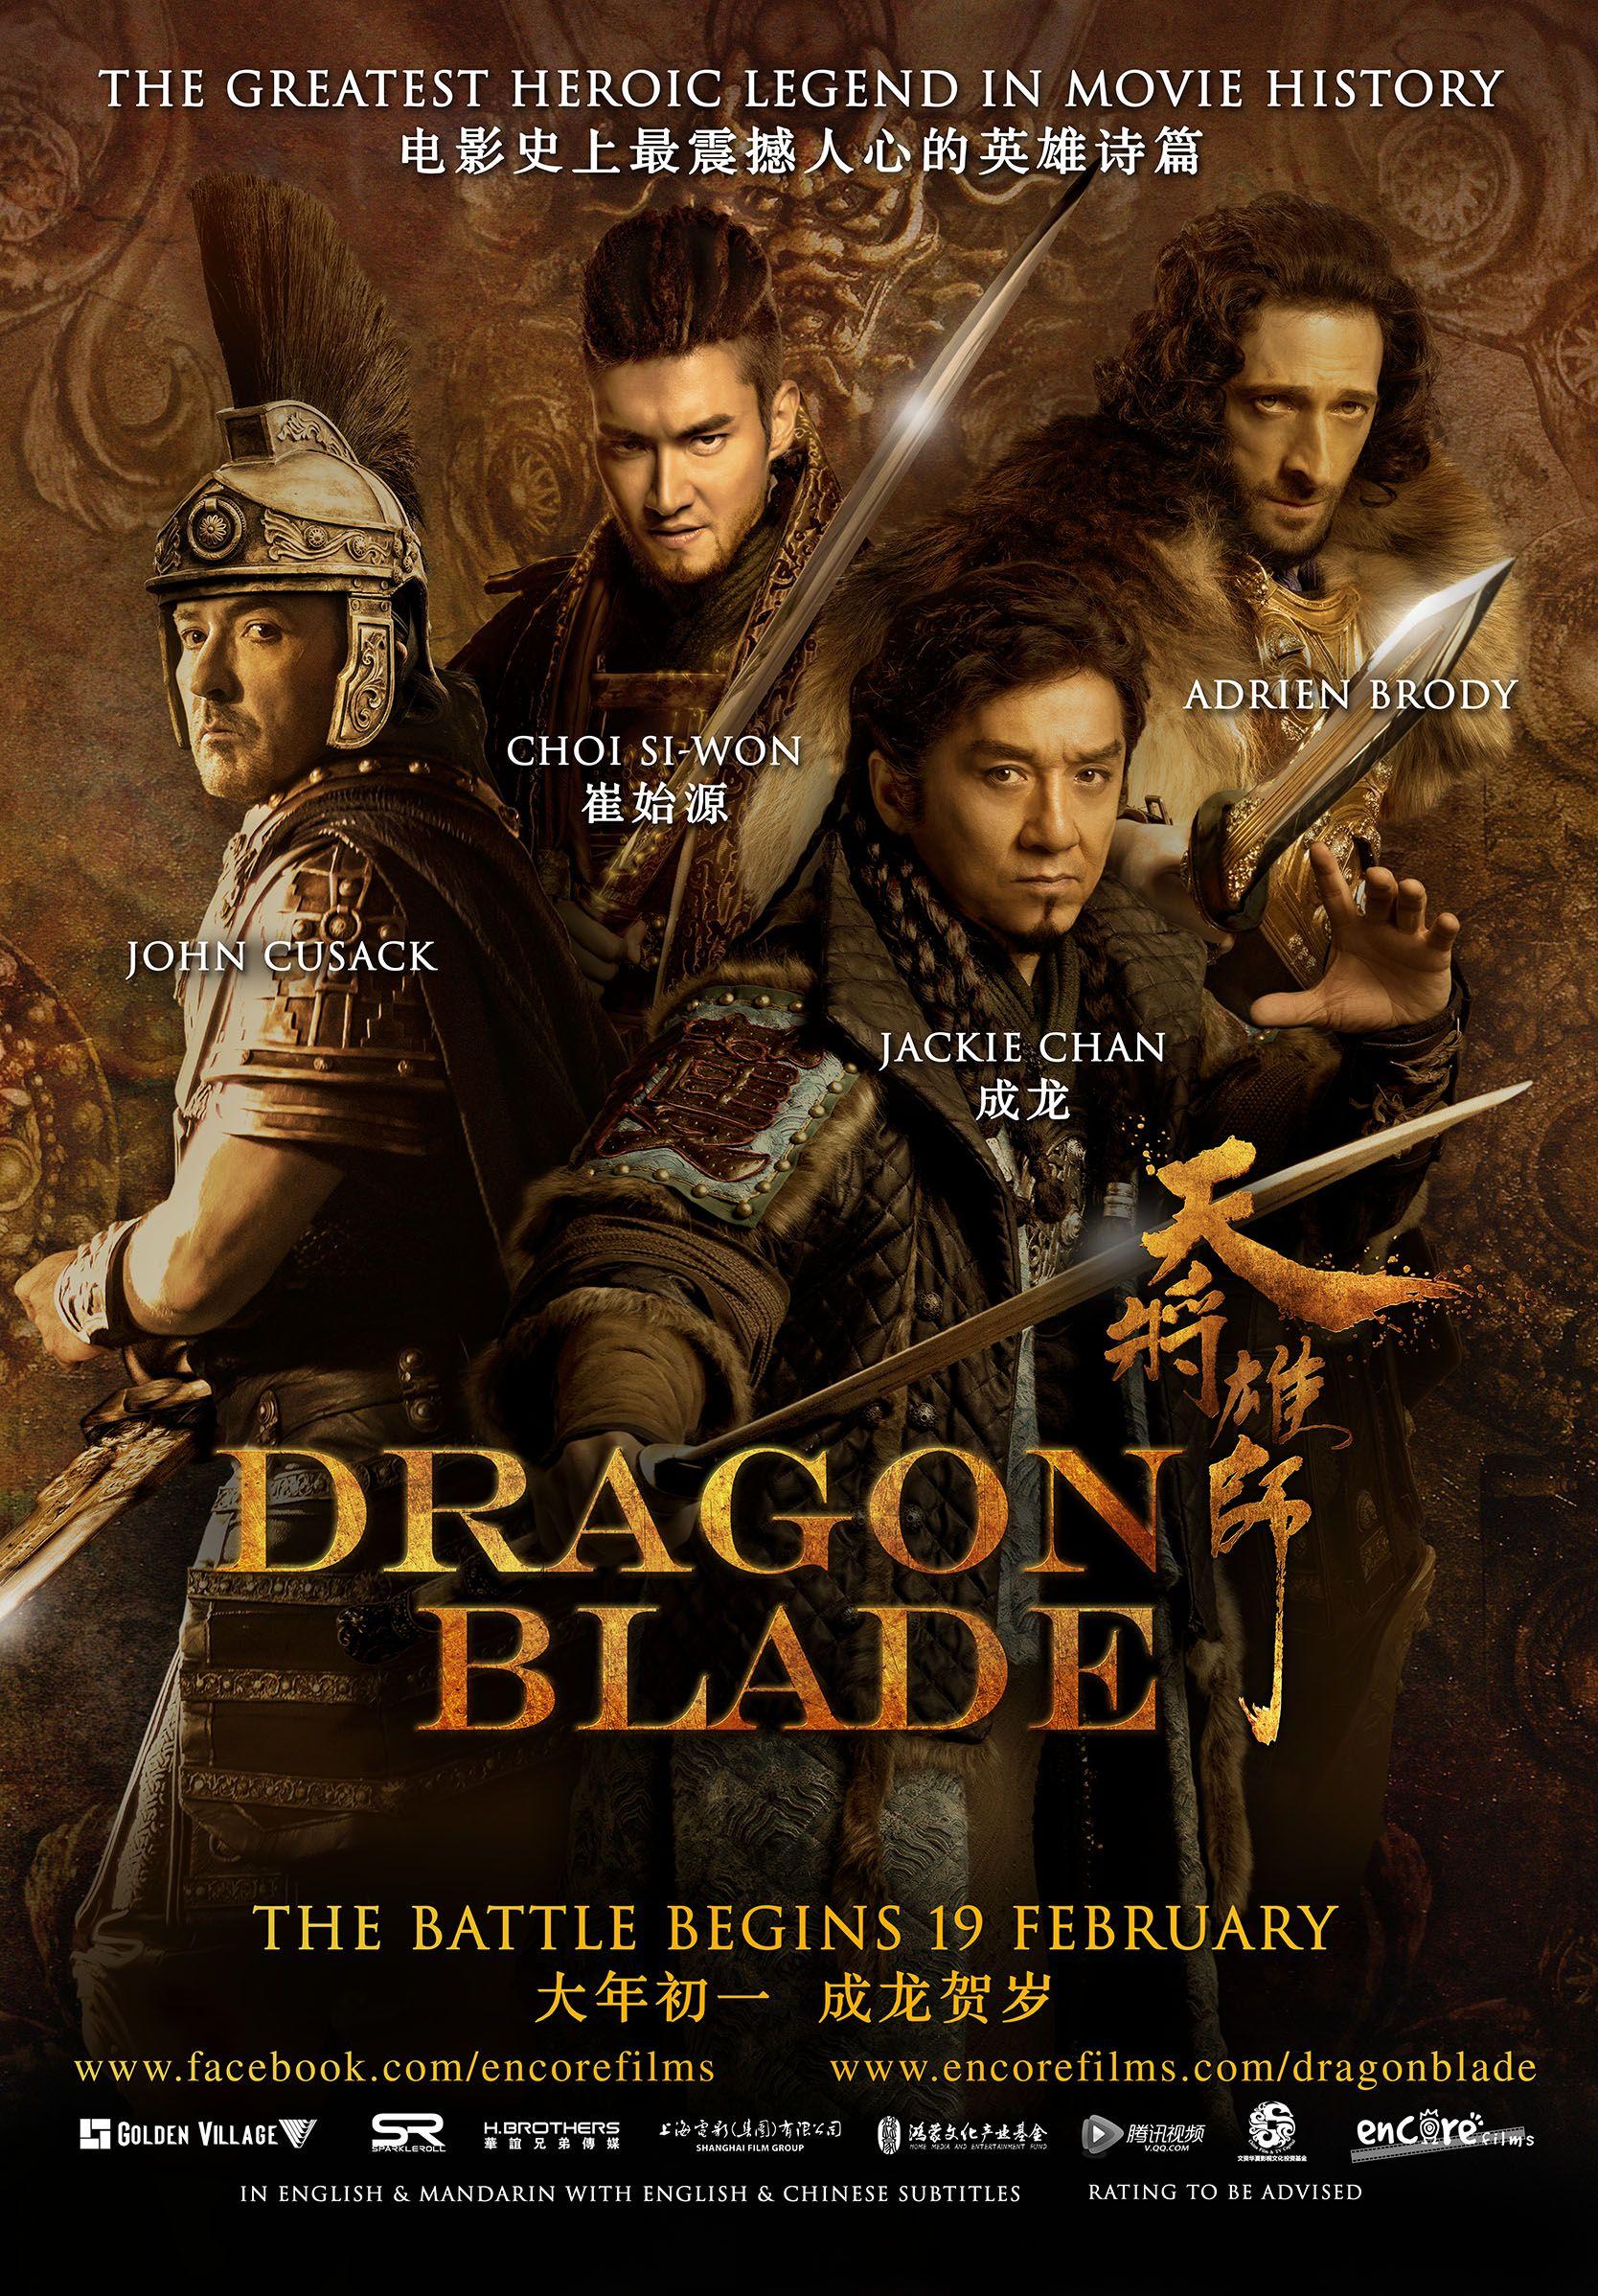 Dragon Blade 2015 Filme Online Hd Gratis Filmes E Filme 2017